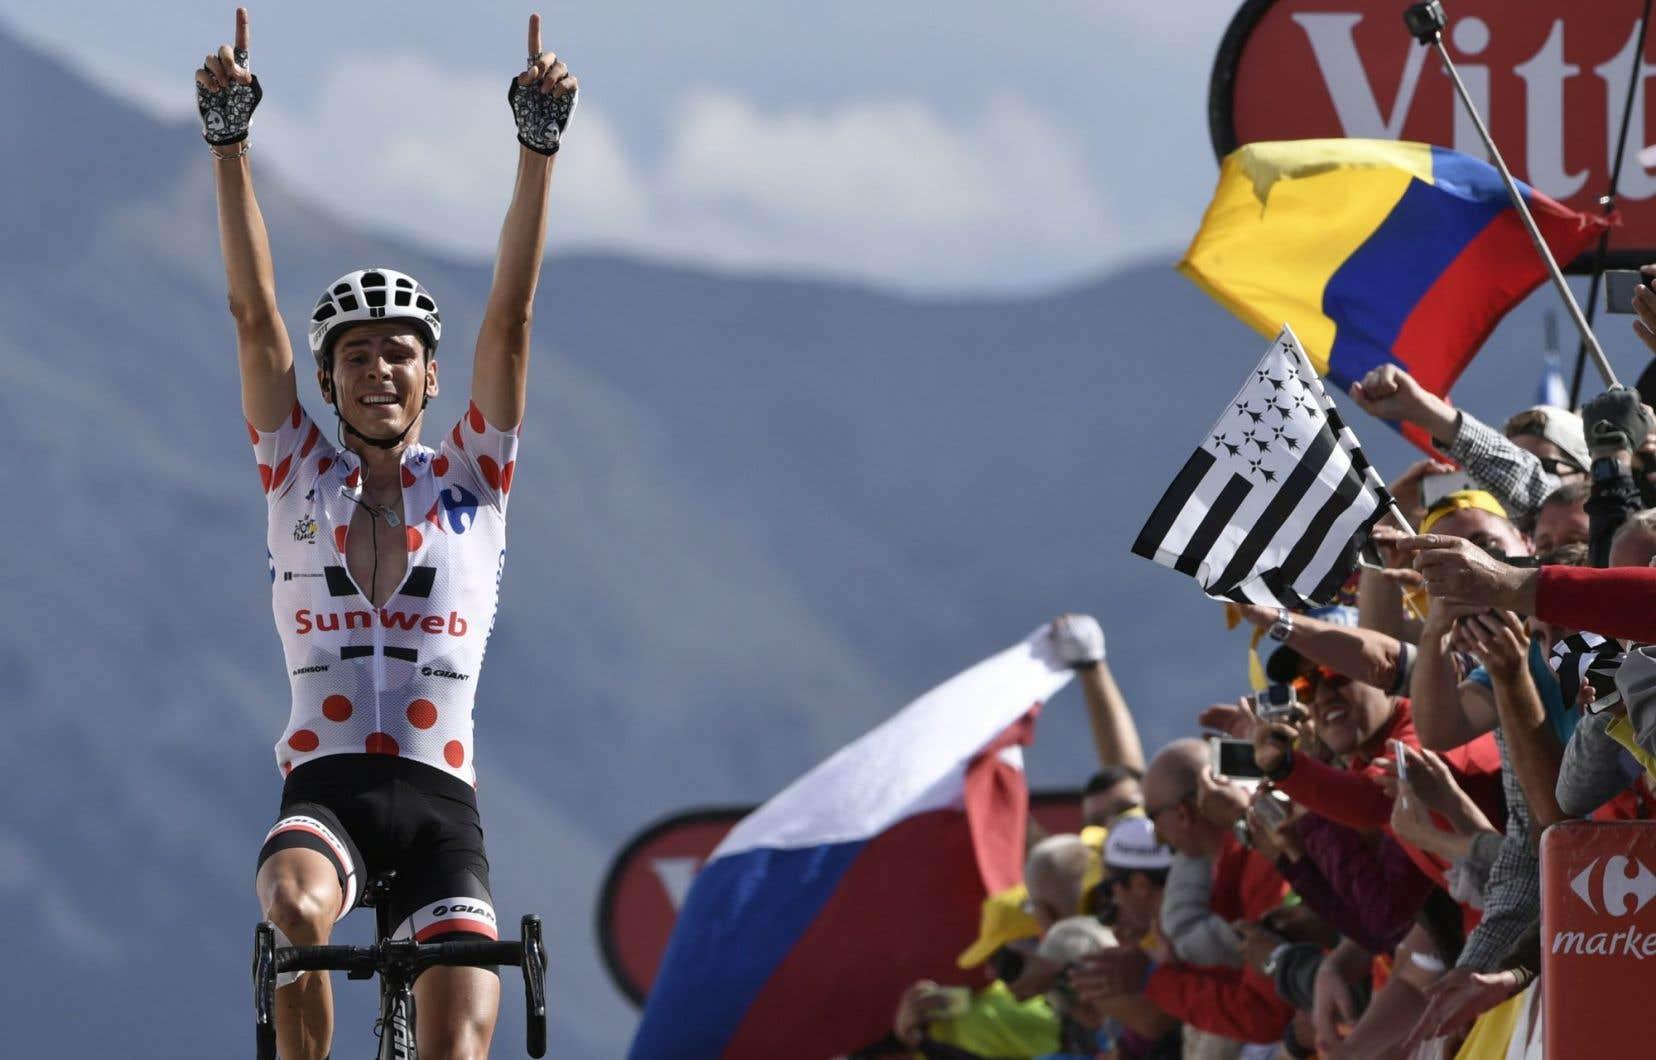 À l'altitude de 2360 mètres, Warren Barguil a remporté un succès de prestige, son deuxième dans le Tour après celui de Foix acquis le 14 juillet.